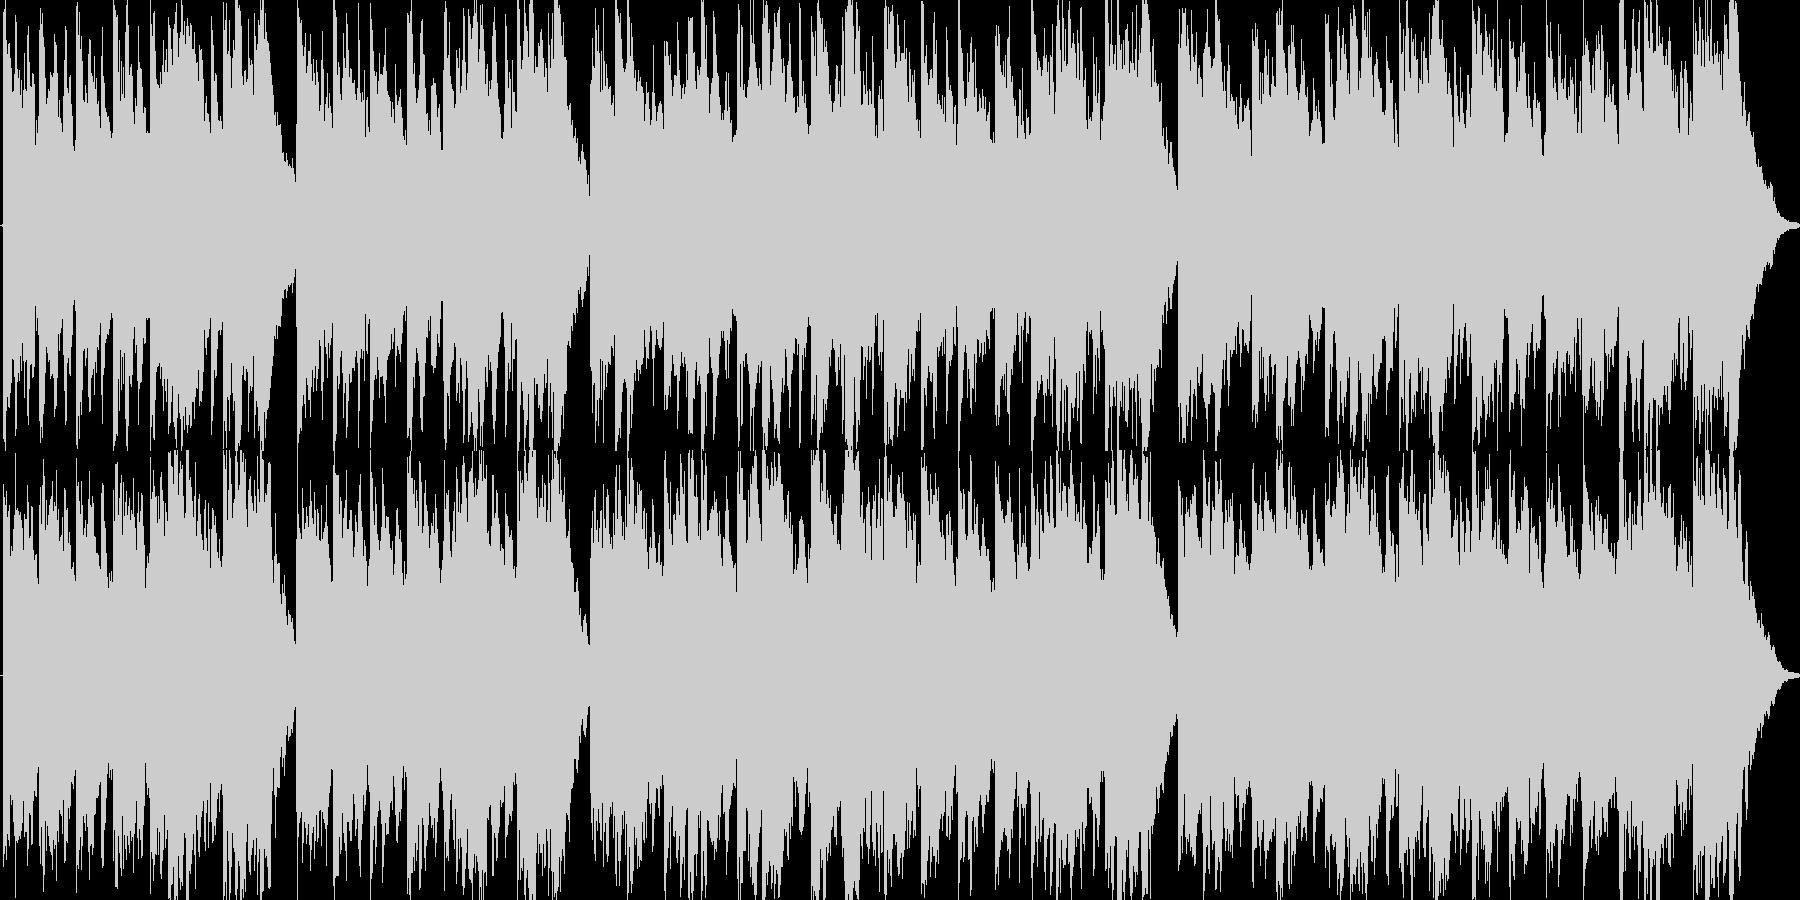 クリーガー作曲のメヌエットですの未再生の波形